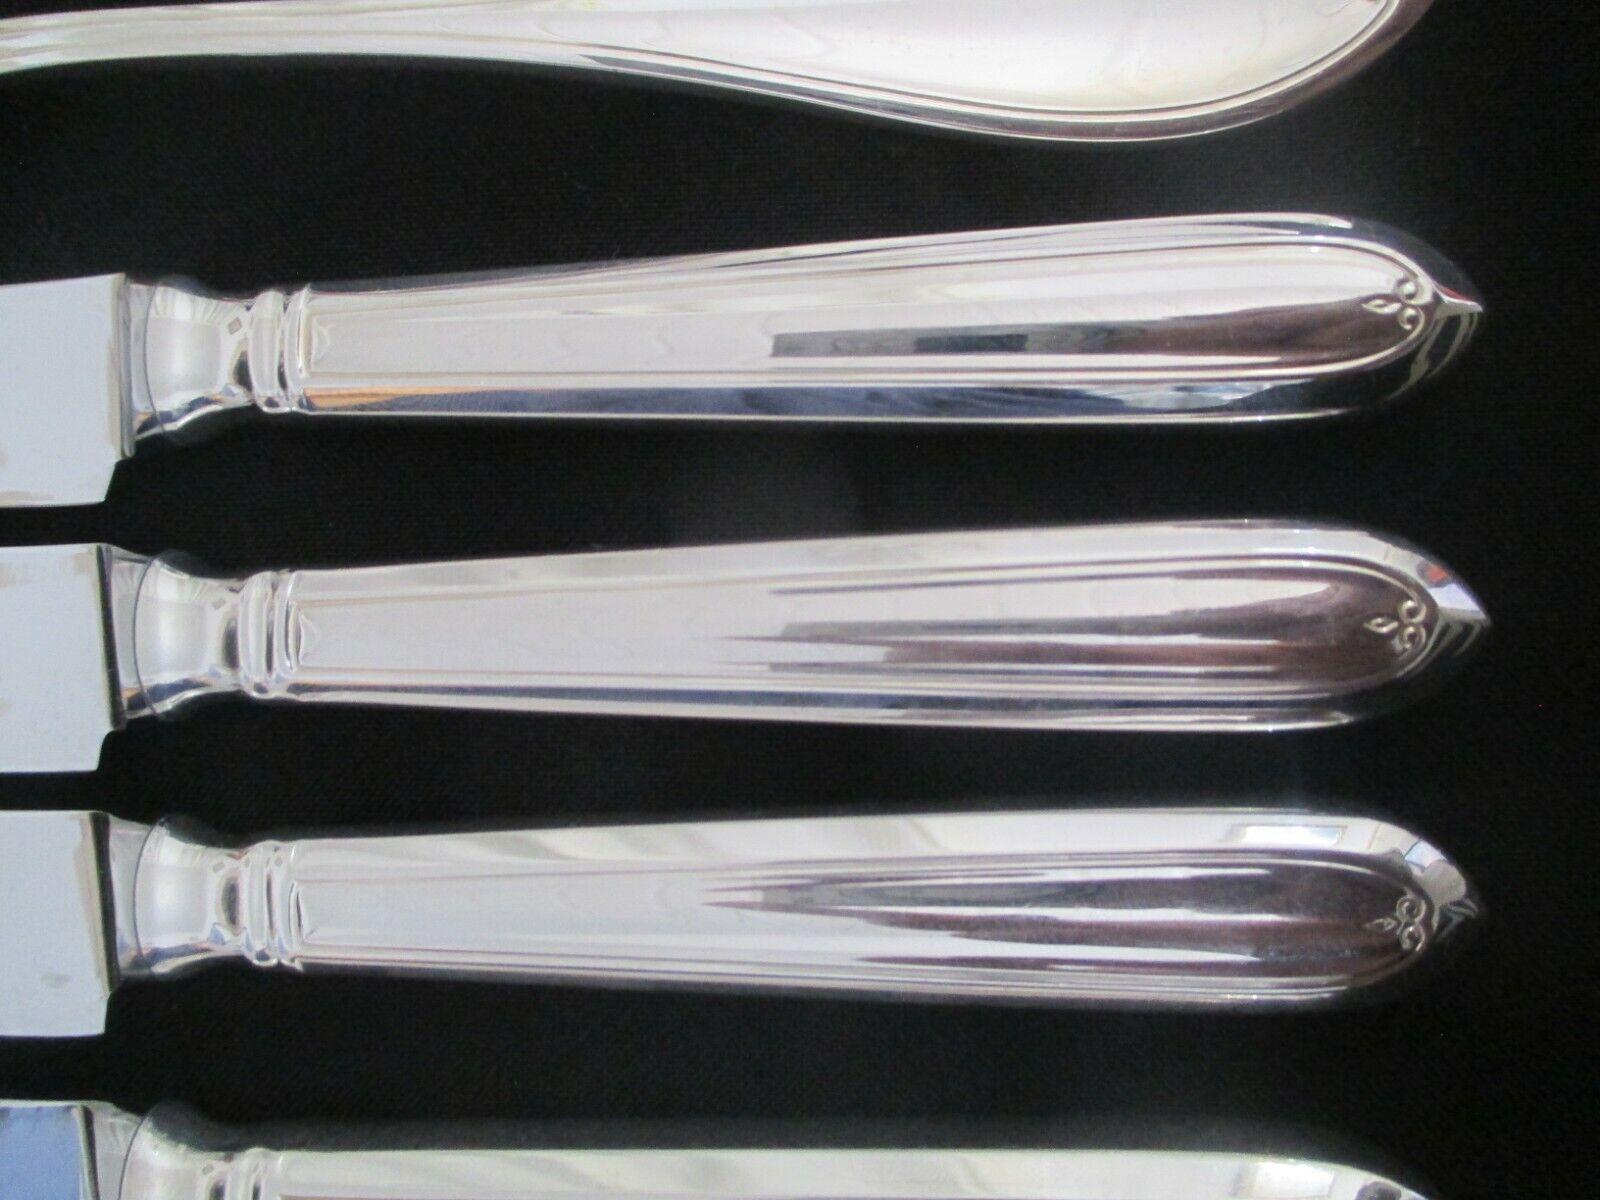 WMF Premiere 90 Silber 6 Personen 12 12 12 tlg Note 1-2 Menümesser Menügabel neuwertig     | Verschiedene Waren  263248